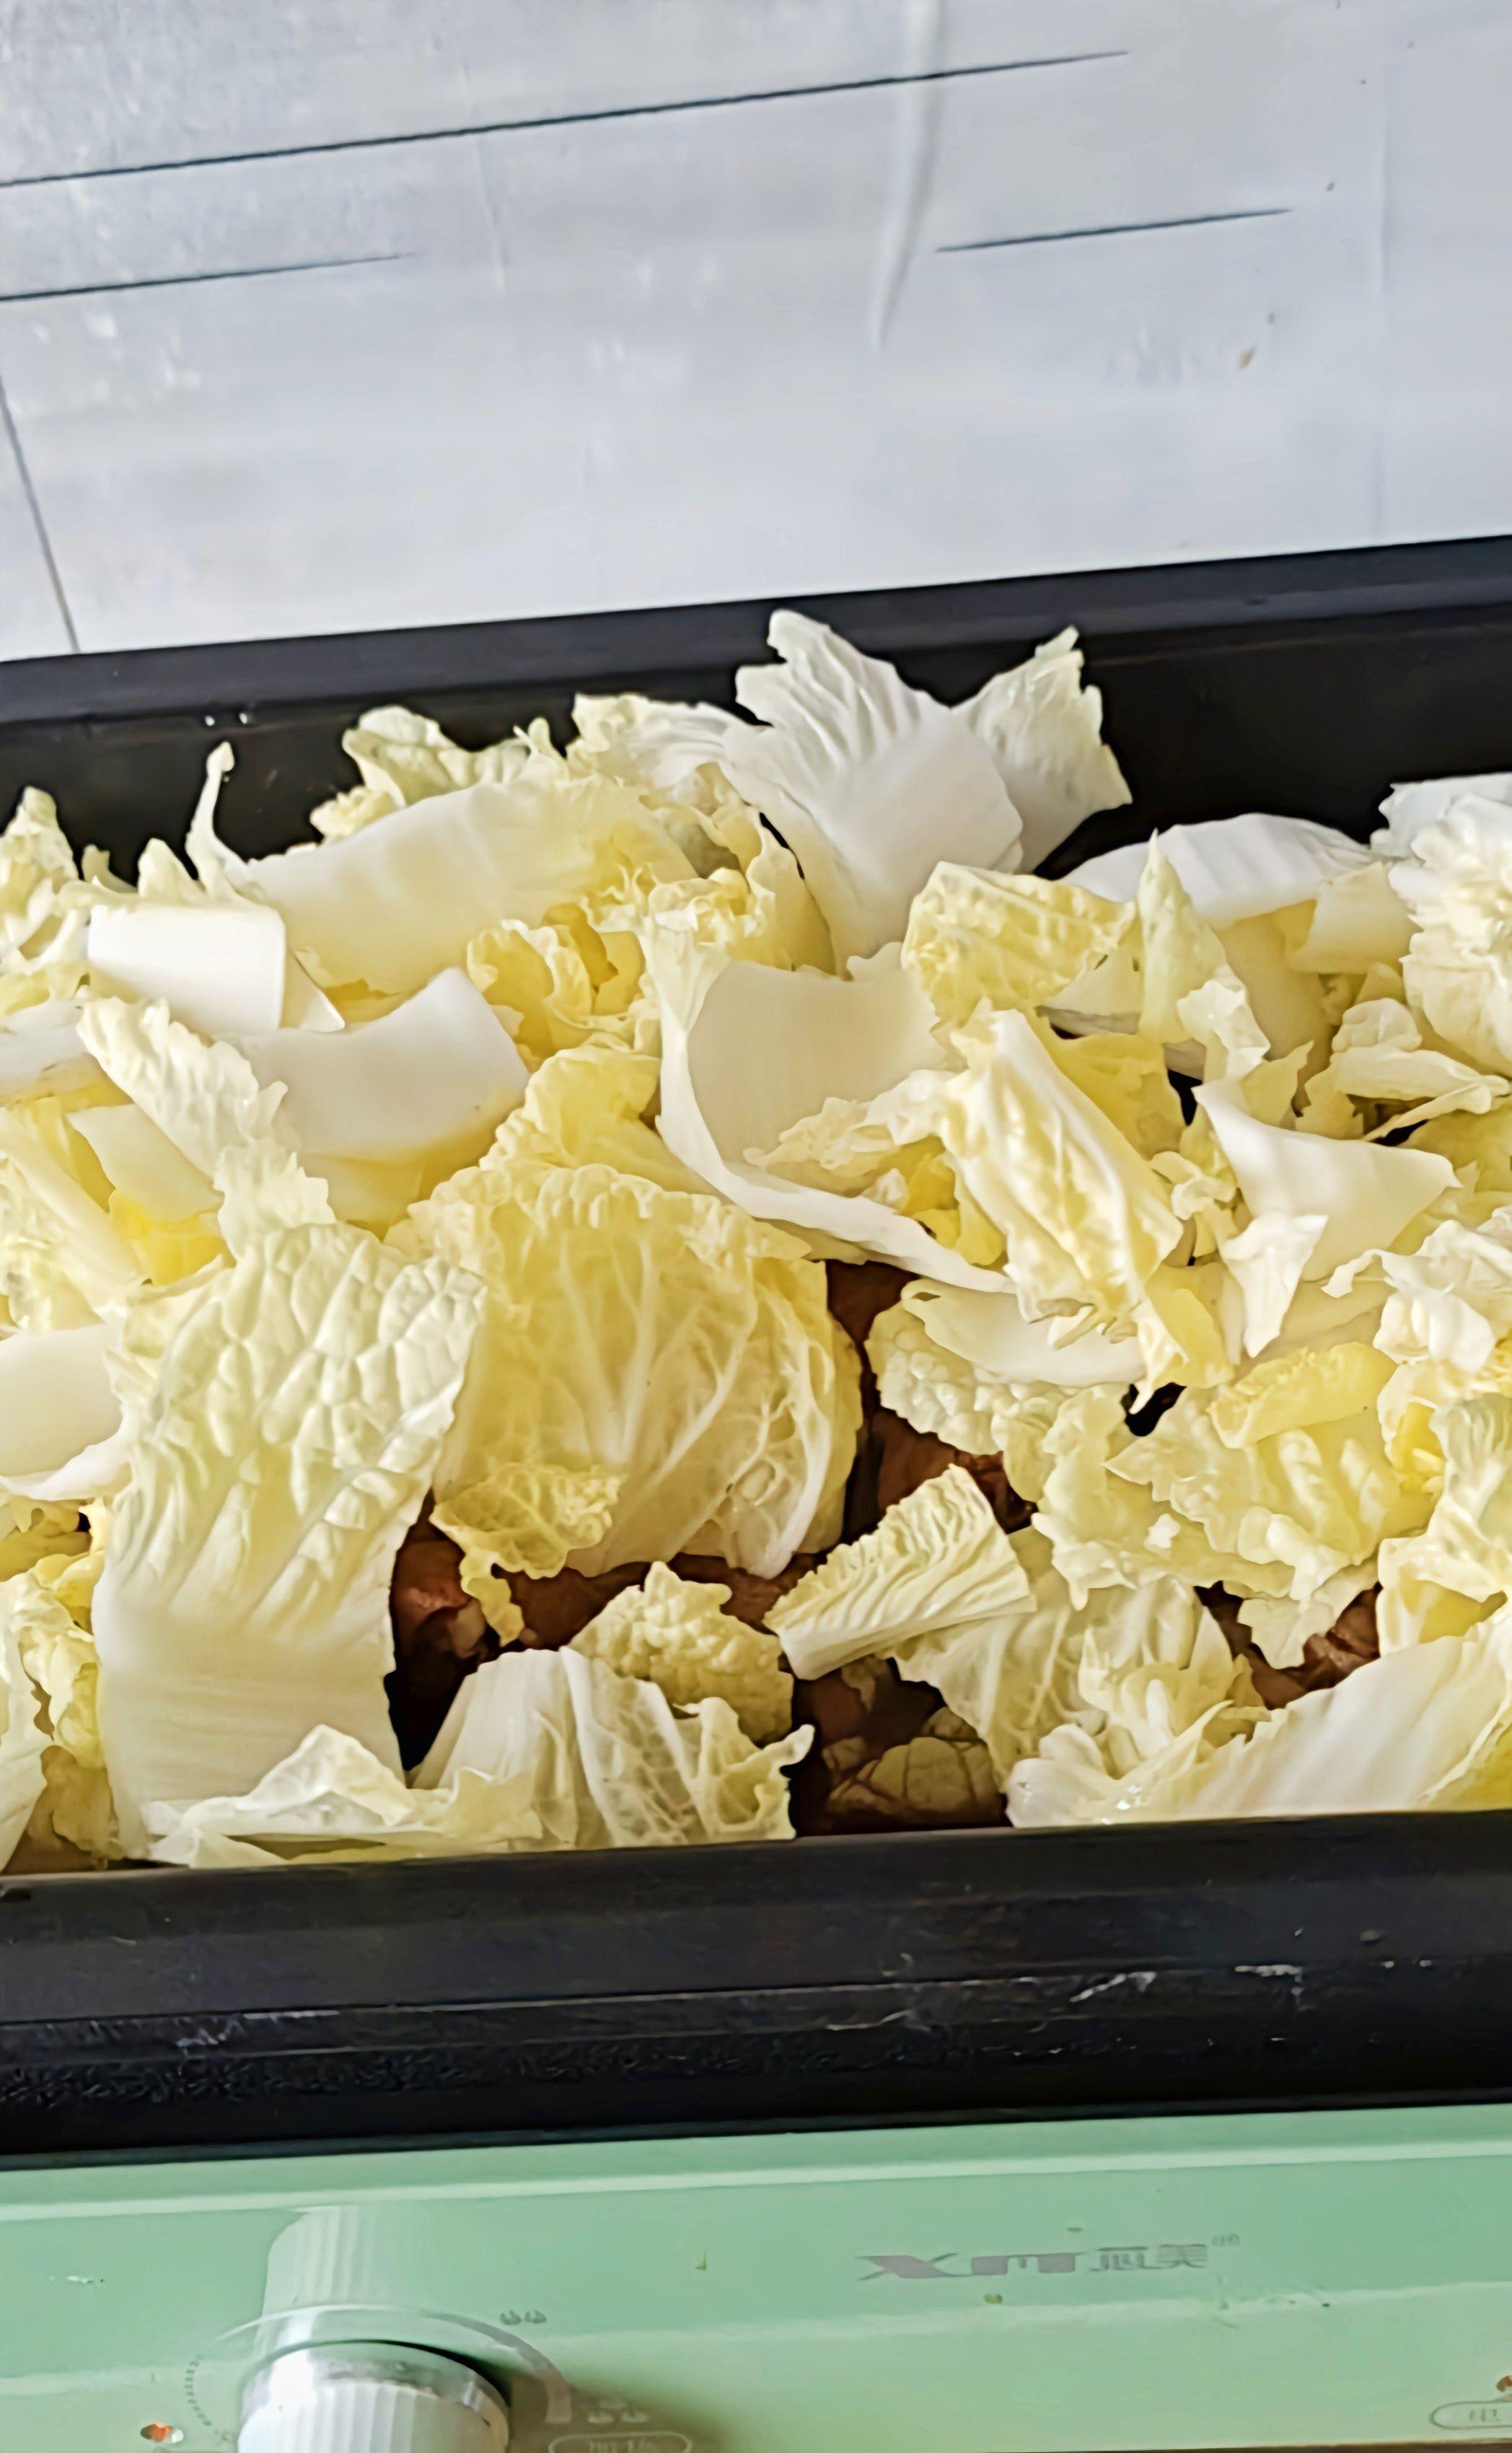 秋冬最爱家常菜…白菜粉条炖排骨的步骤